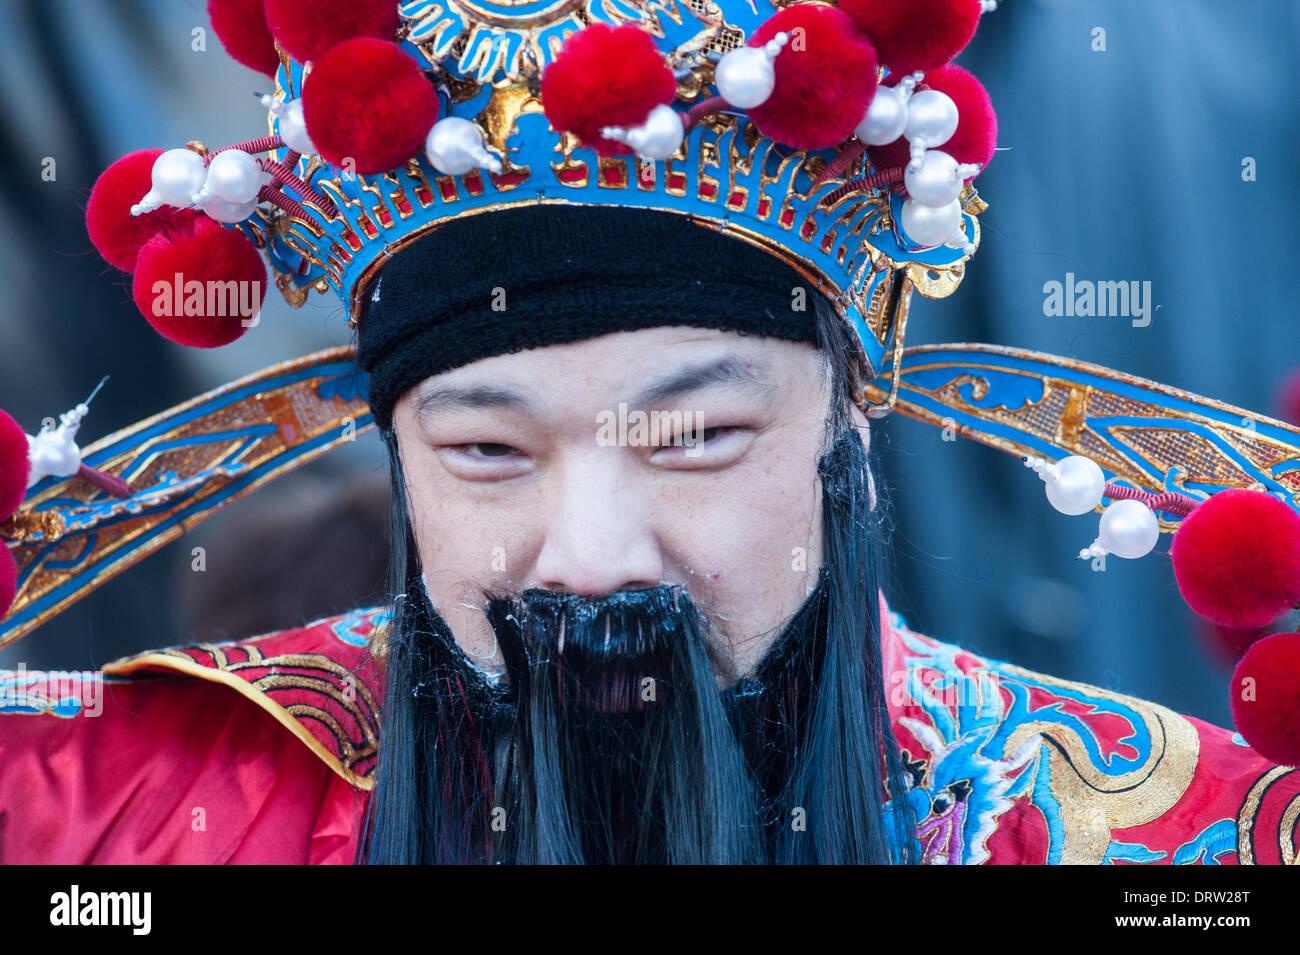 Londres, UK - 2 Février 2014: se préparer à l'assemblée annuelle des fêtards défilé pour célébrer le Nouvel An chinois, avec 2014 étant l'année du cheval. Credit: Piero Cruciatti/Alamy Live News Photo Stock